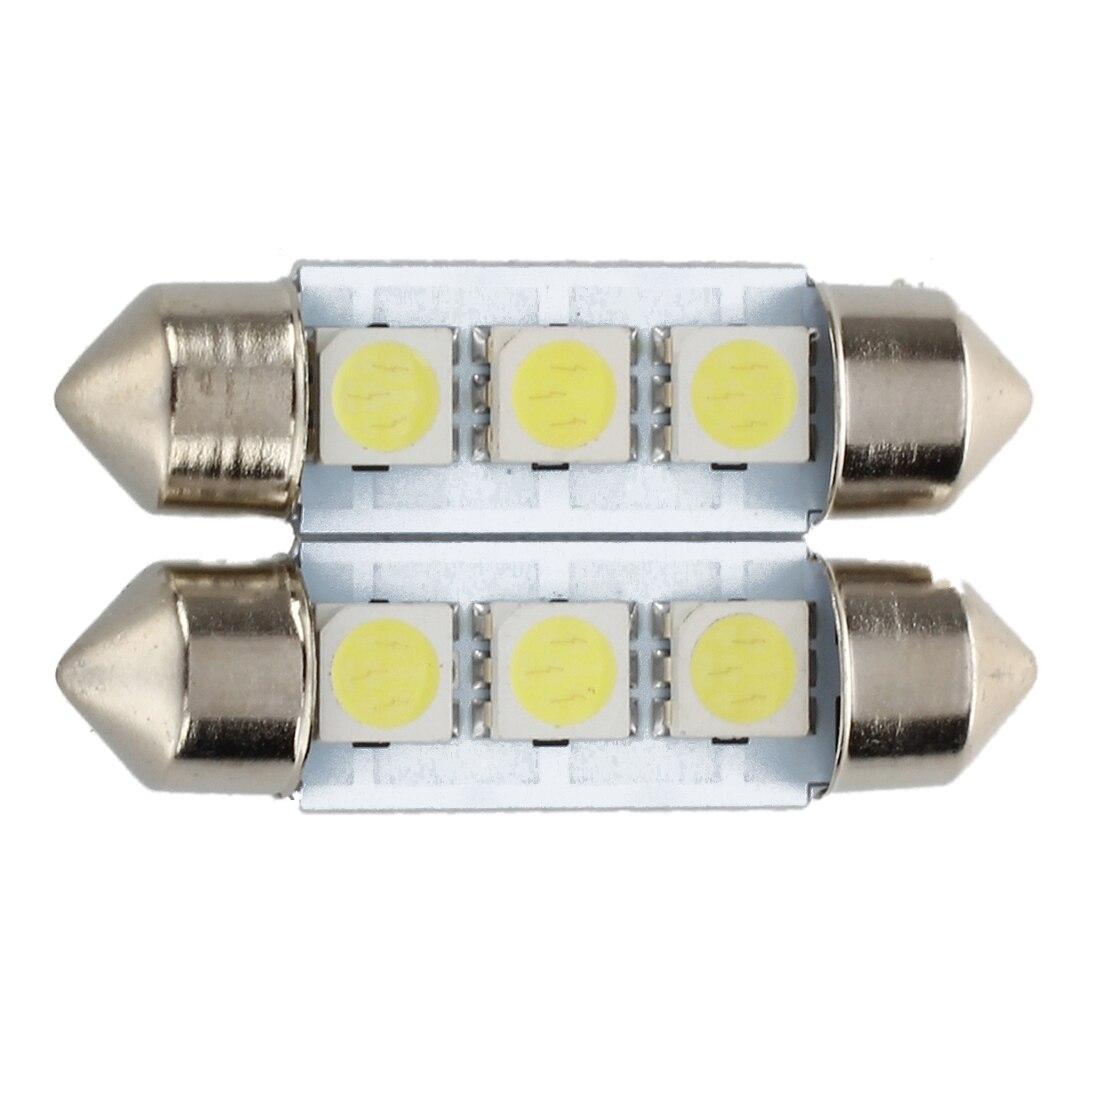 2x C5w 3 Led Smd 5050 34mm Xenon Weiße Platte Shuttle Girlanden Dome Deckenleuchte Auto Licht Taille Und Sehnen StäRken Xenon Lampen